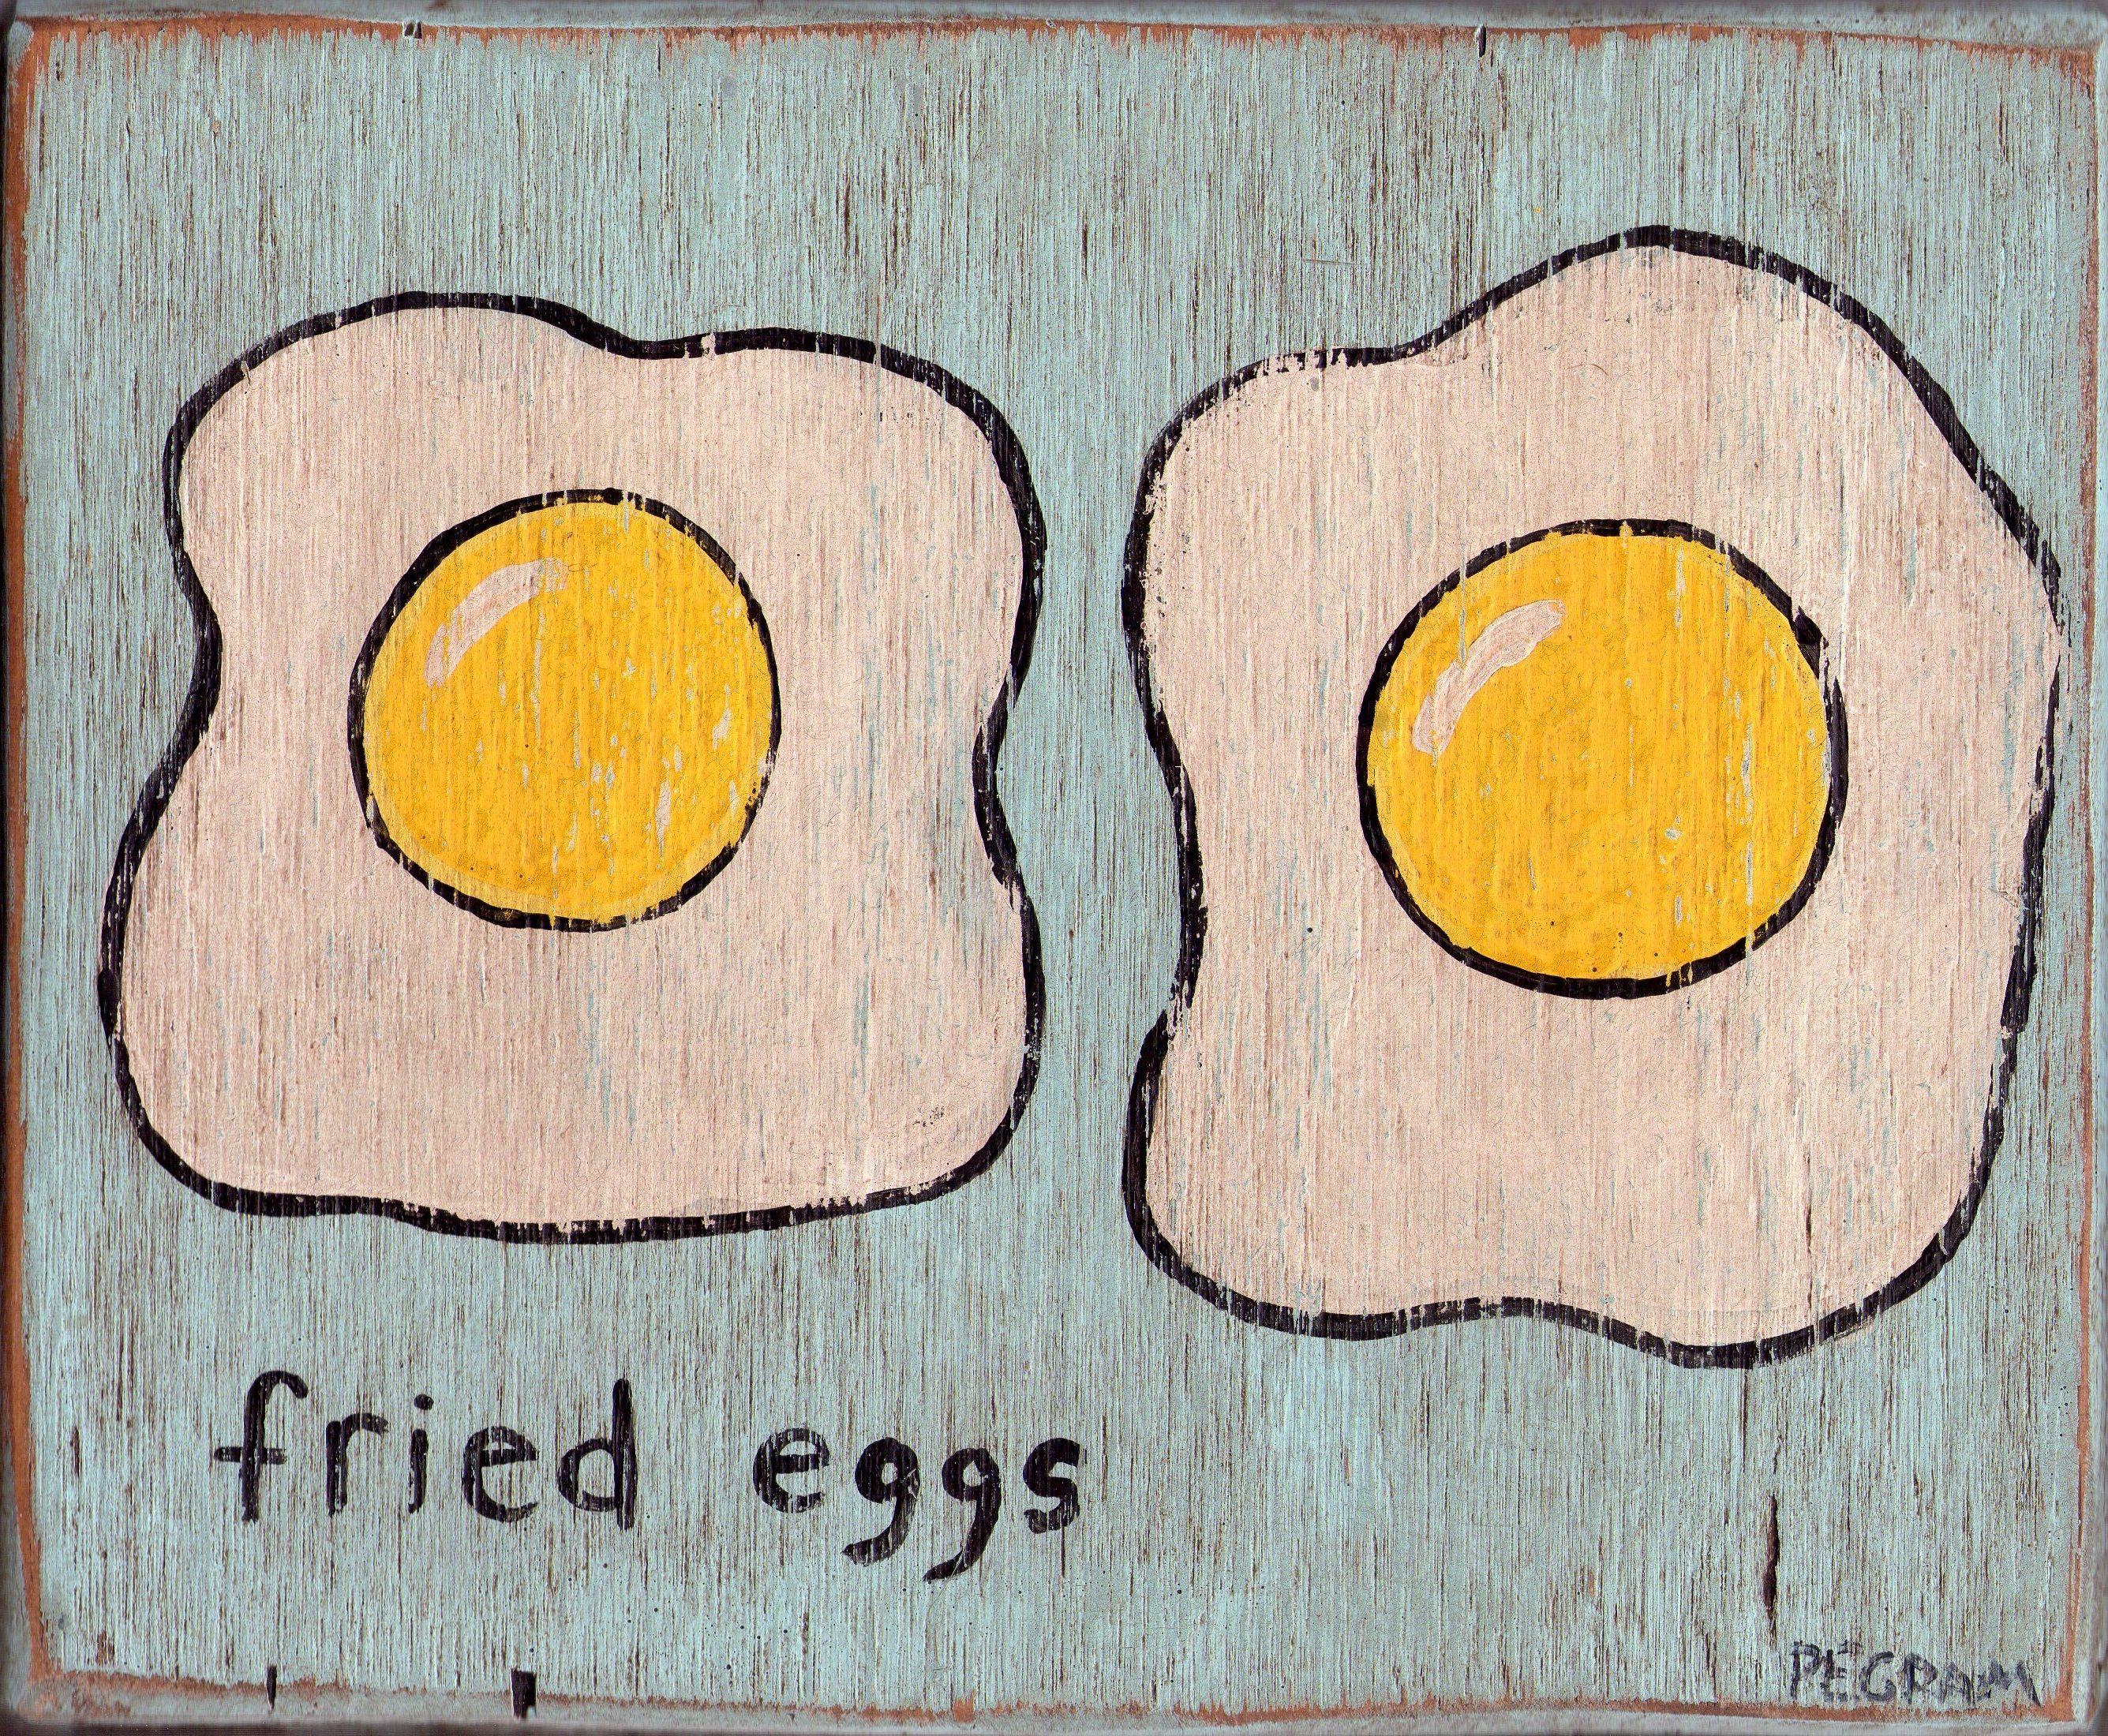 fried eggs on wood